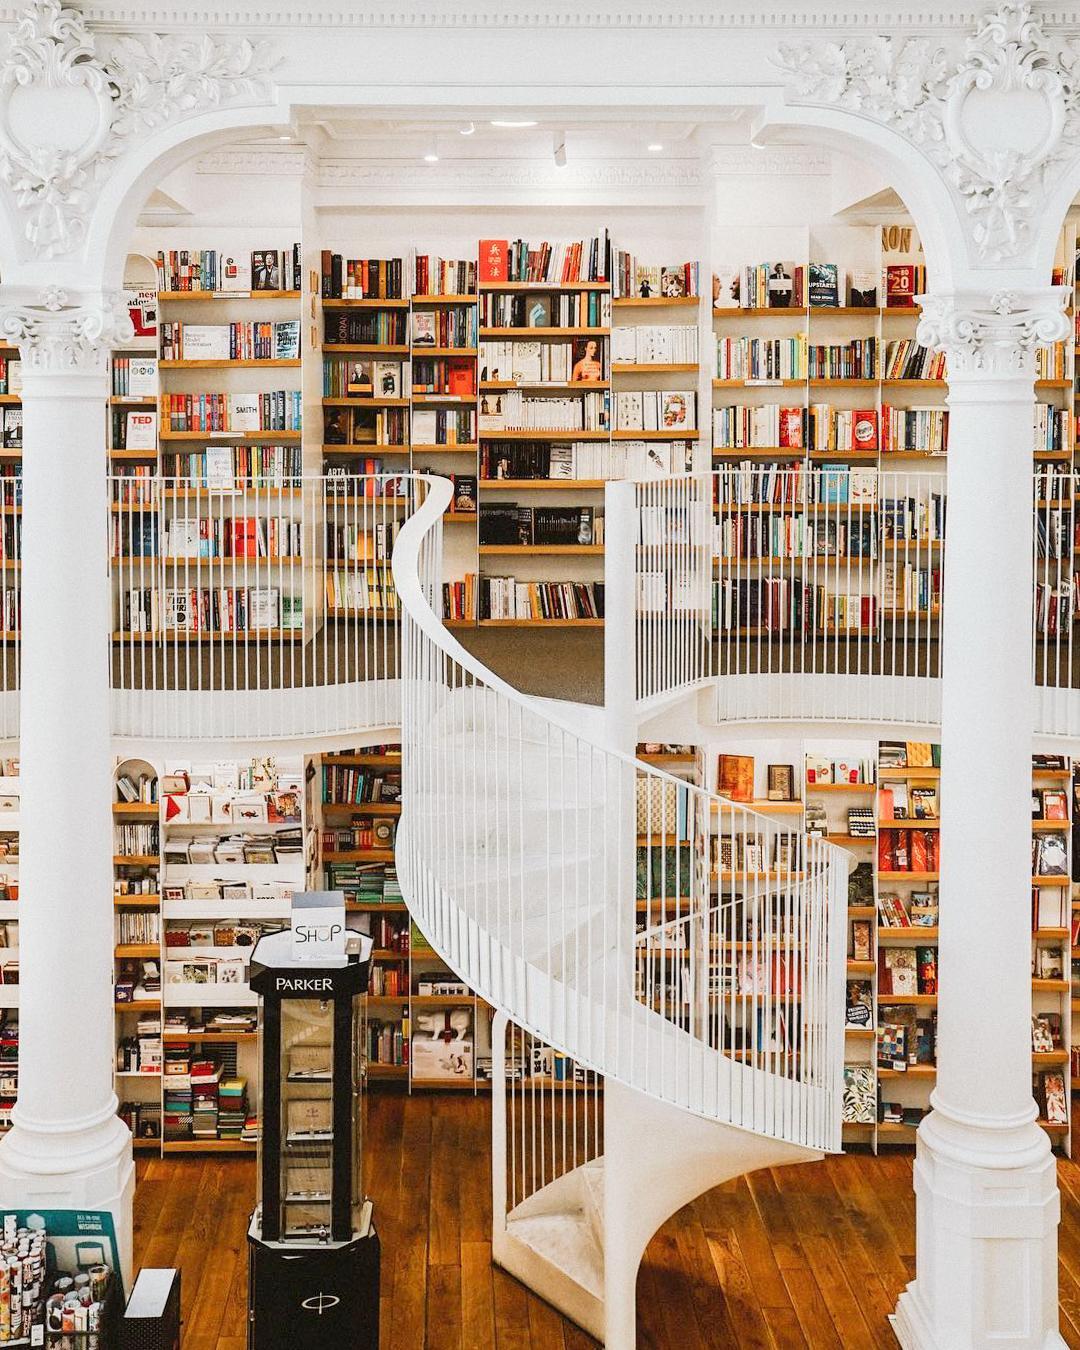 Librari mahnitëse që ju zgjojnë dëshirën për të lexuar